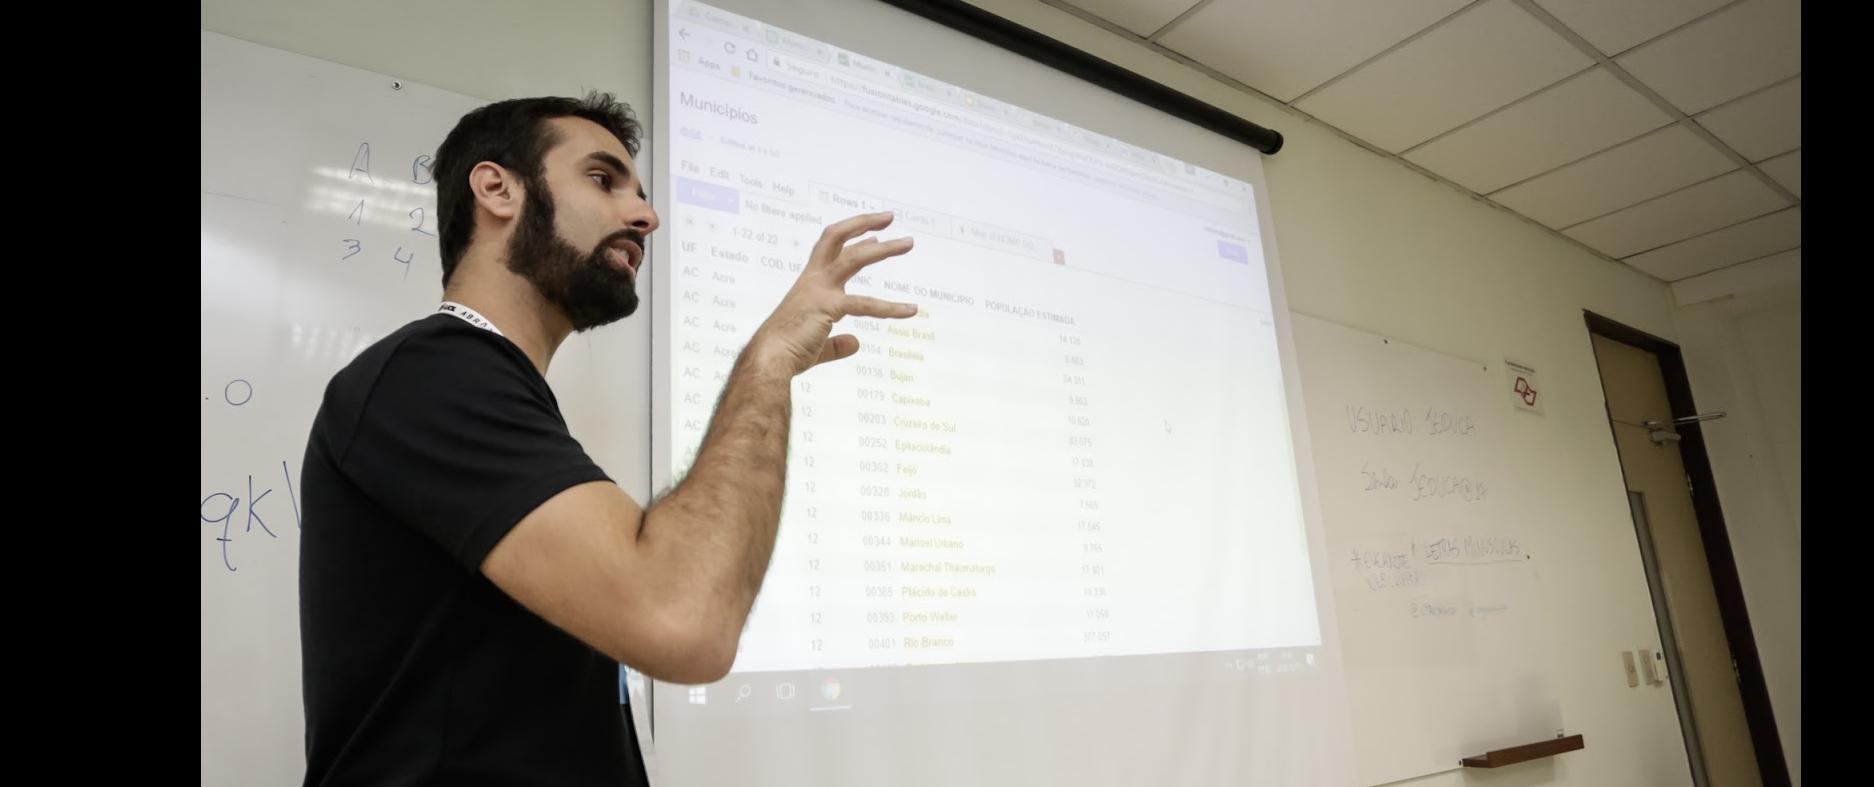 Dicas do NICAR 2018 - Workshops